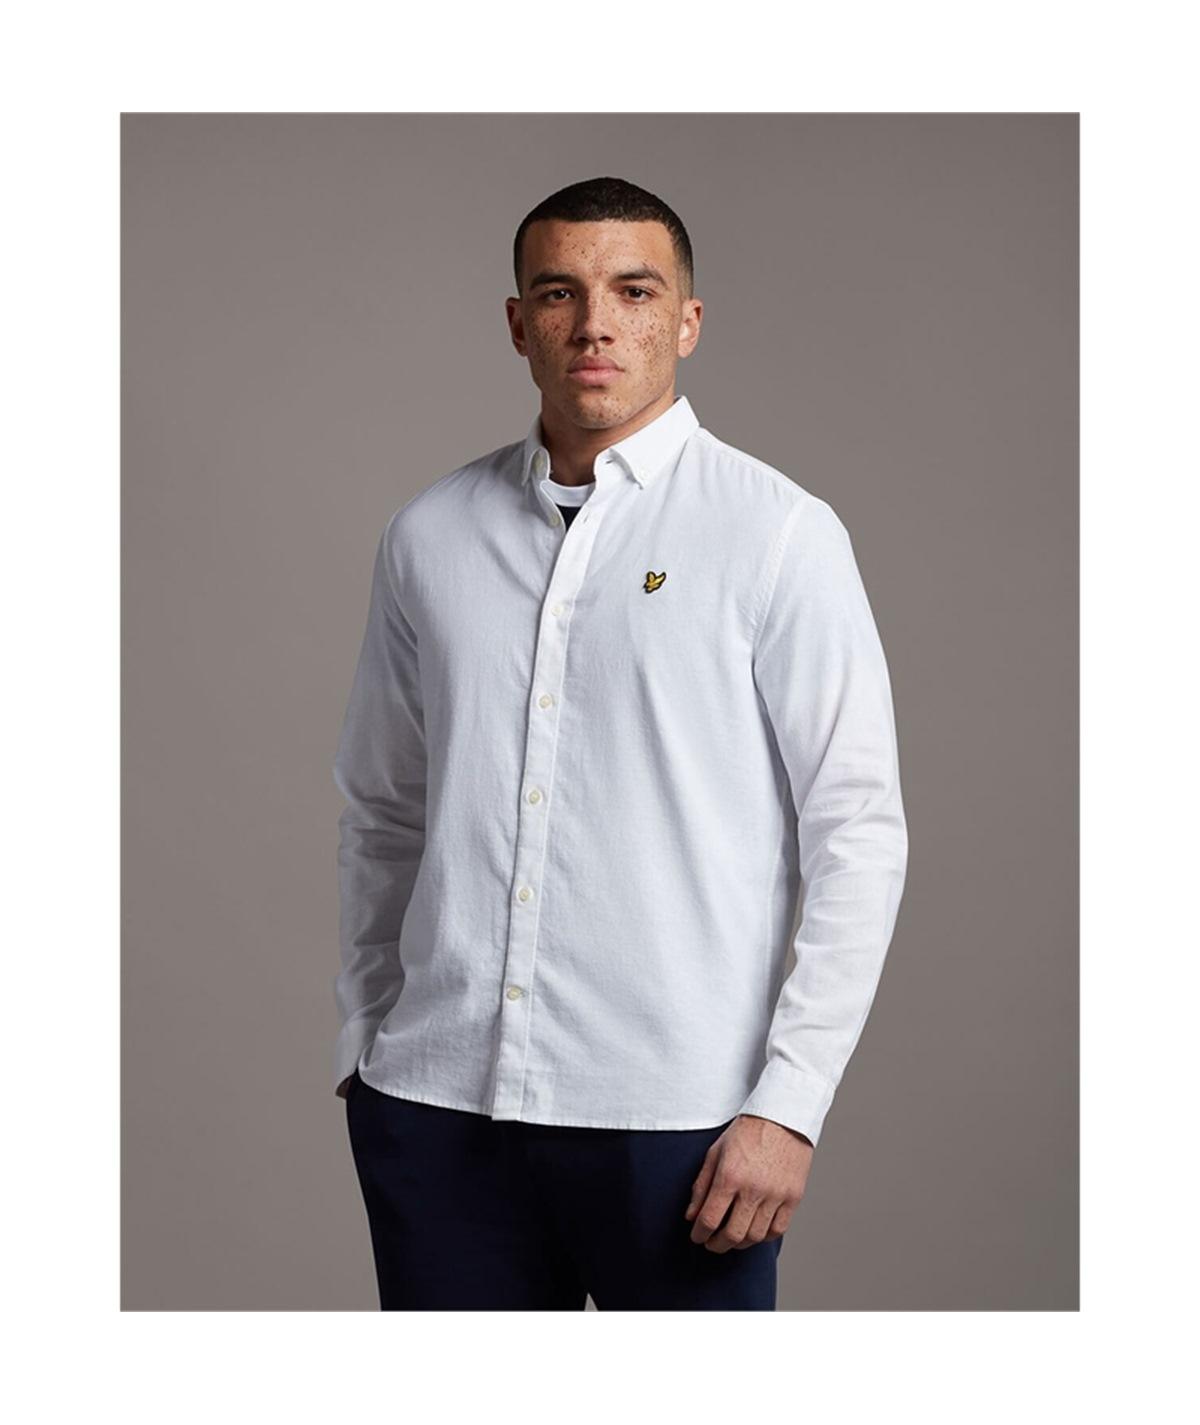 LW1224V_626 camicia lino lyle scott bianco white